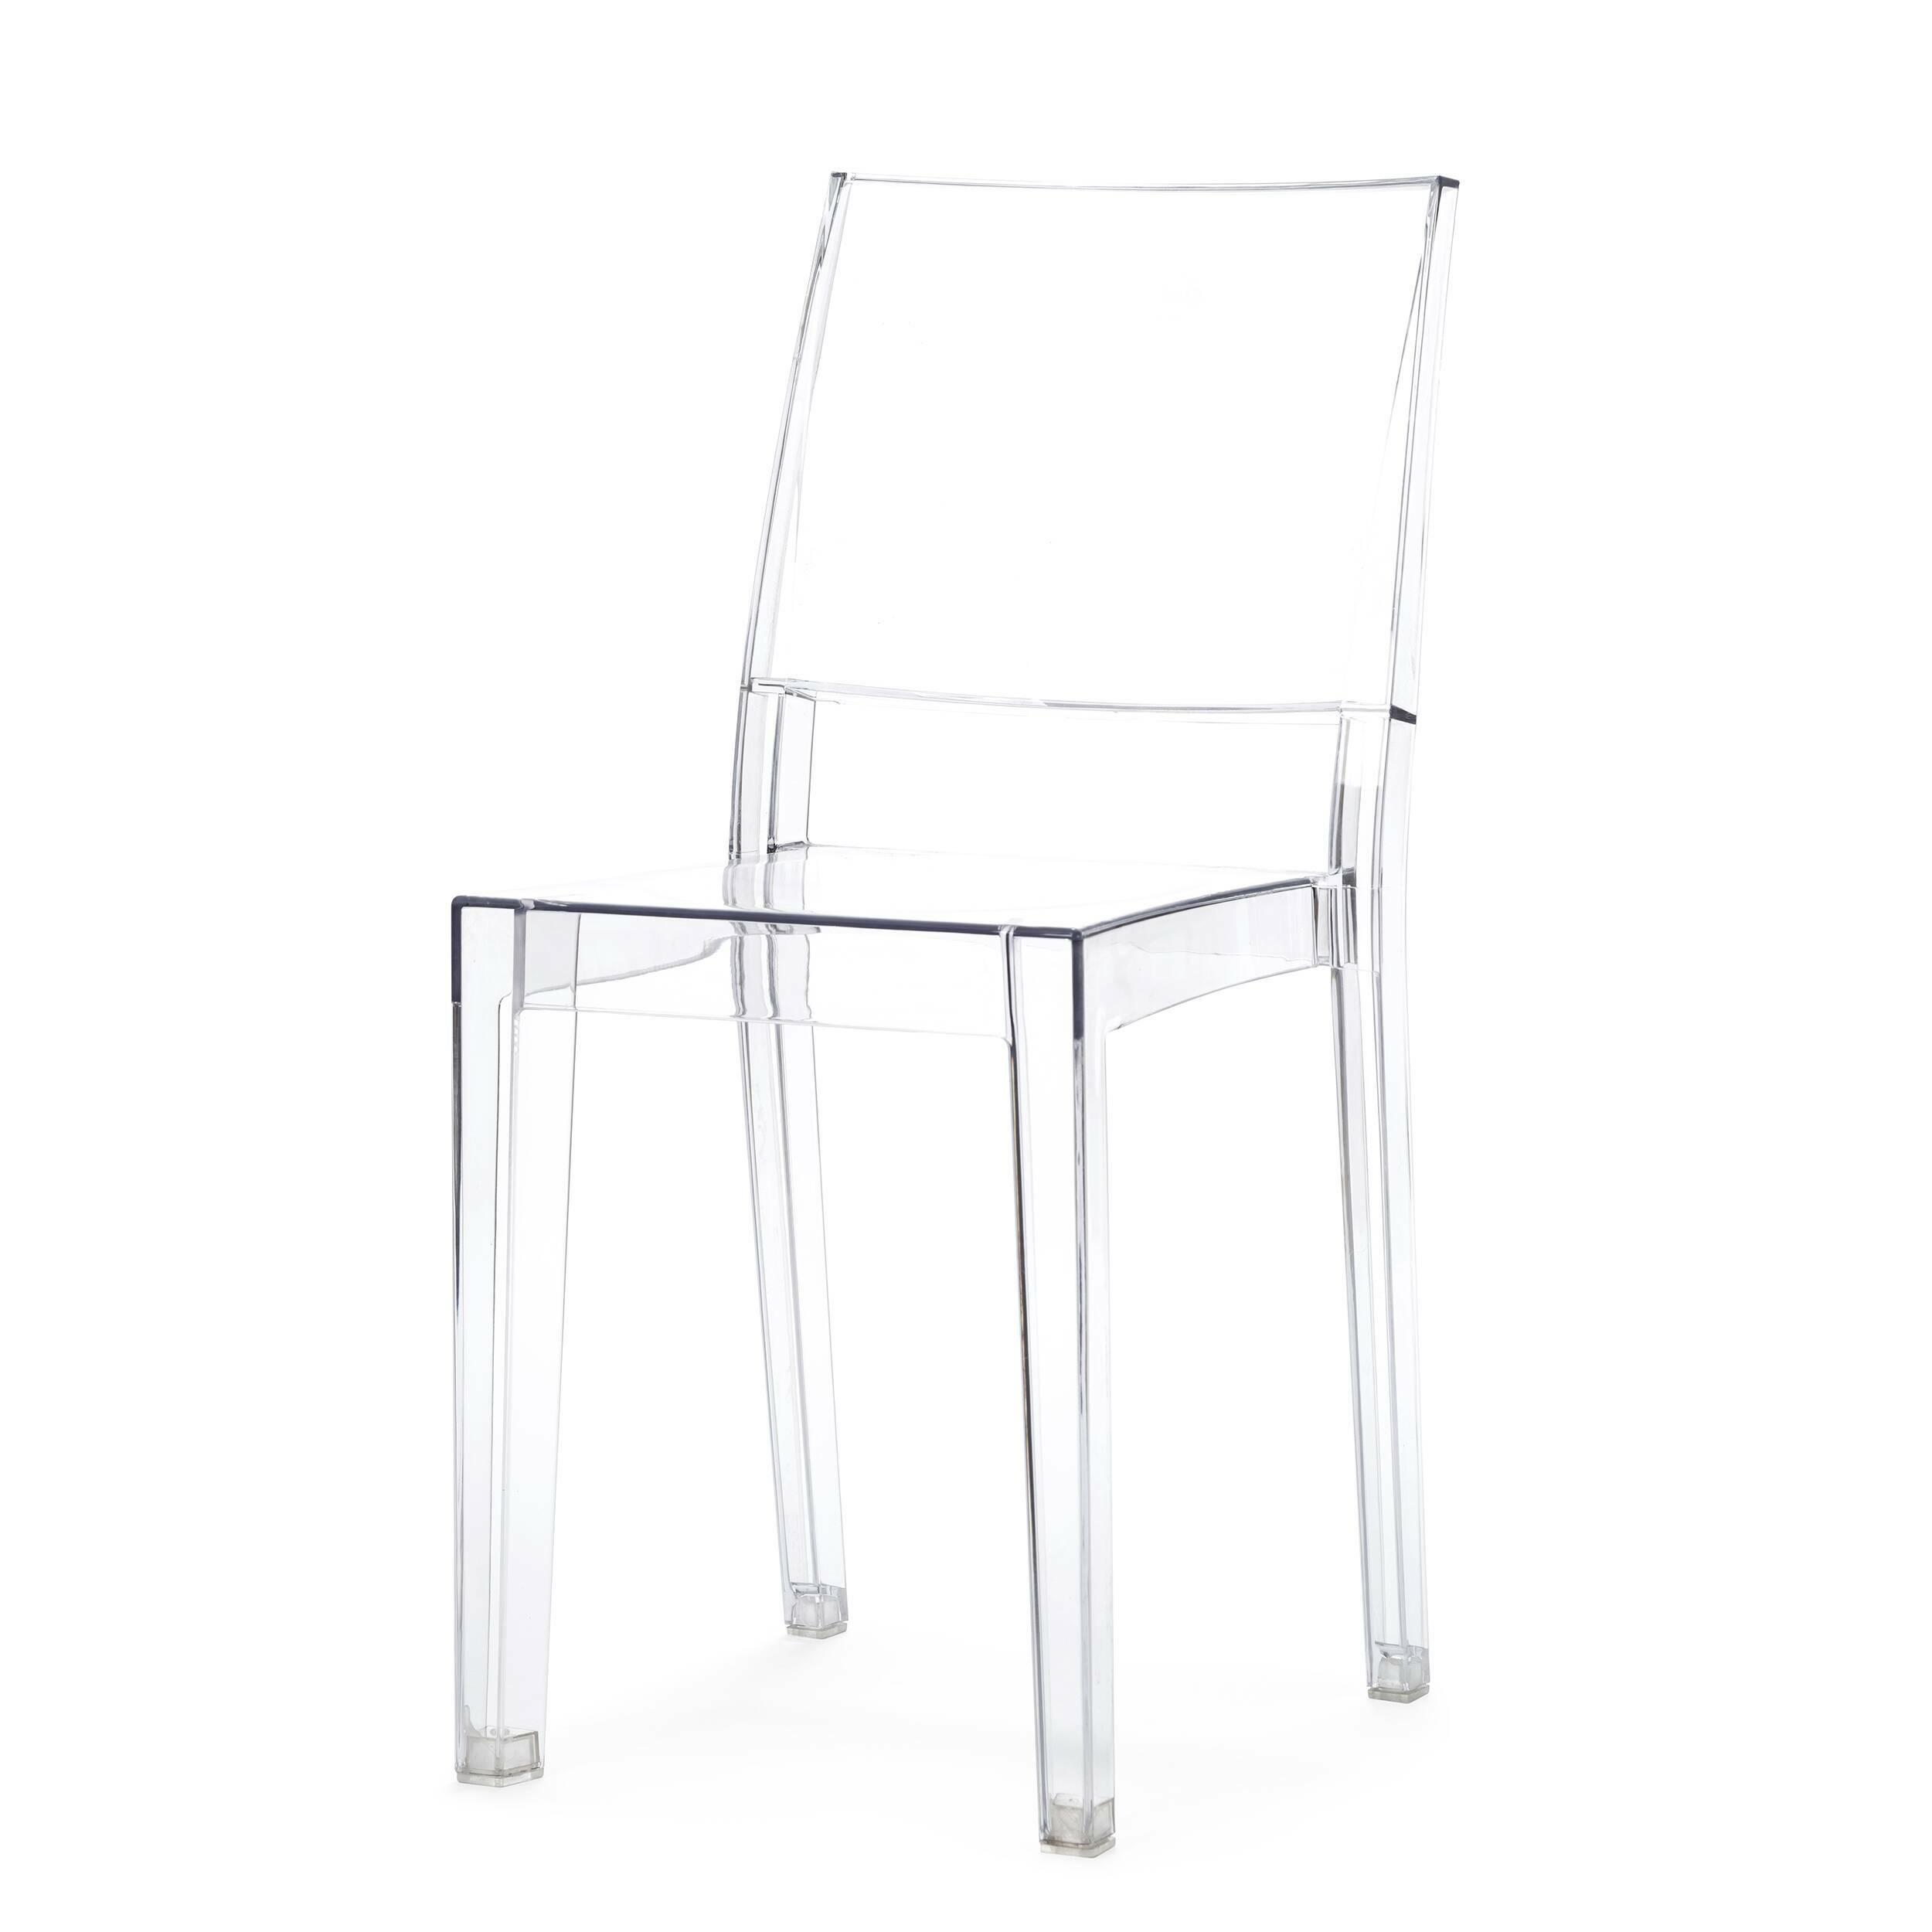 Стул La MarieИнтерьерные<br>Дизайнерский прозрачный легкий стул La Marie (Ля Мари) из поликарбоната классической формы от Cosmo (Космо).<br><br> Стул La Marie объединяет в себе строгую геометричность, но при этом легкость и неосязаемость. Стул La Marie сделан из прозрачного поликарбоната, но выглядит так, словно выточен из тончайшего хрусталя или оказался перед нами прямиком из сказки про «Снежную королеву». Он подходит для декорирования современных интерьеров в стиле хай-тек или китч.<br><br><br>     Первый в мире прозрачный сту...<br><br>stock: 18<br>Высота: 85,5<br>Высота сиденья: 48<br>Ширина: 41<br>Глубина: 53,5<br>Материал каркаса: Поликарбонат<br>Тип материала каркаса: Пластик<br>Цвет каркаса: Прозрачный